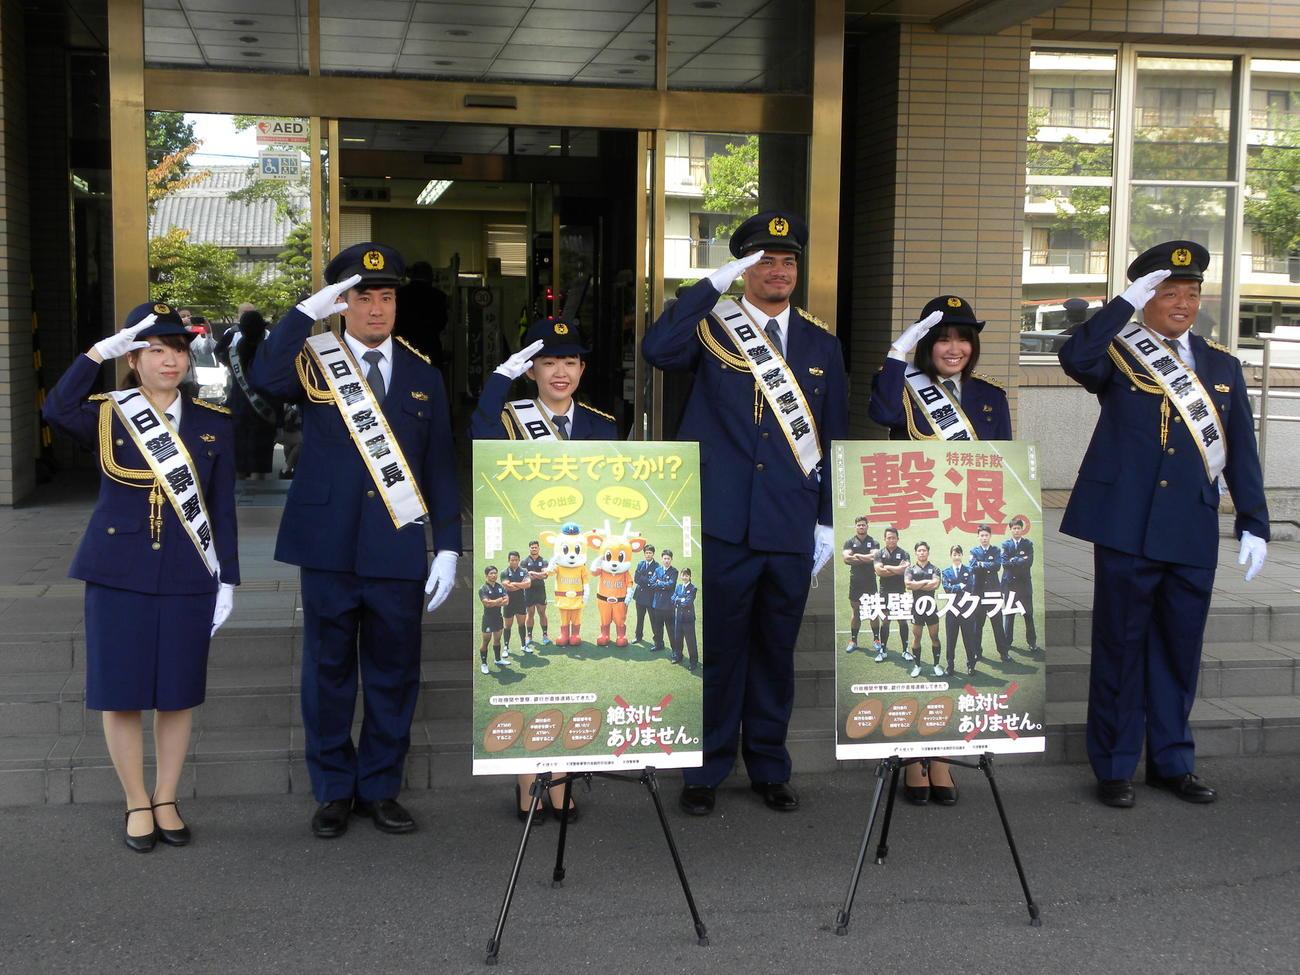 天理警察署で一日署長を務めた天理大の松岡大和主将(右)、シオサイア・フィフィタ(右から3人目)、松永拓朗(同5人目)(撮影・松本航)